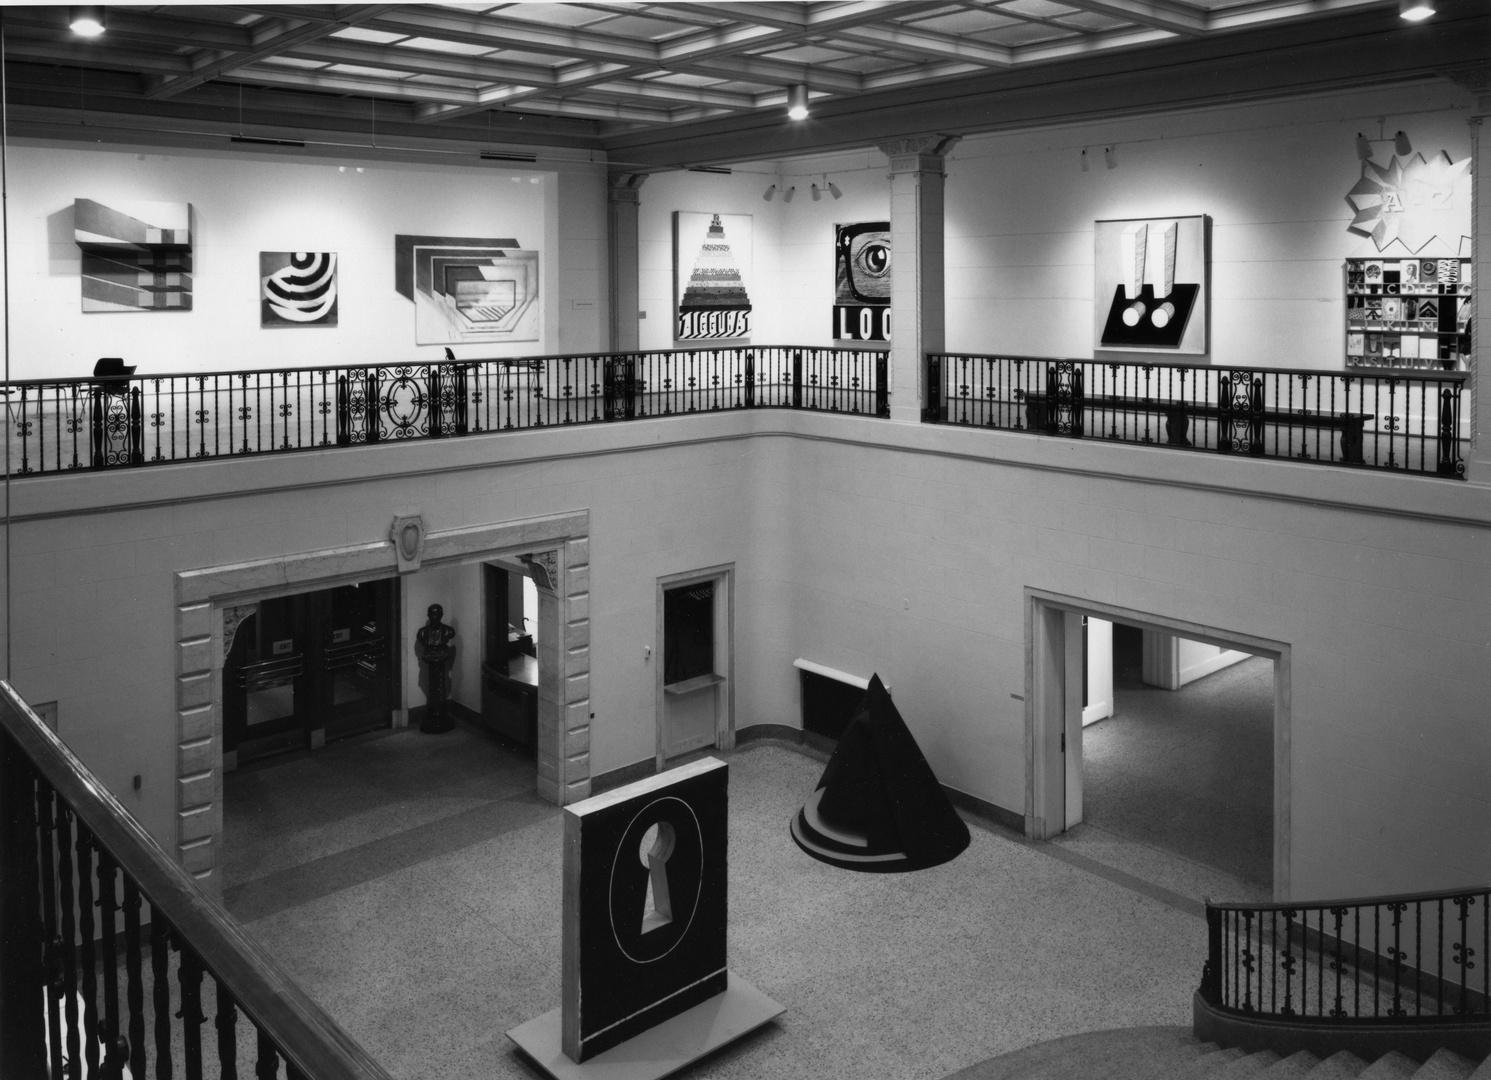 museo de arte abstracto en london